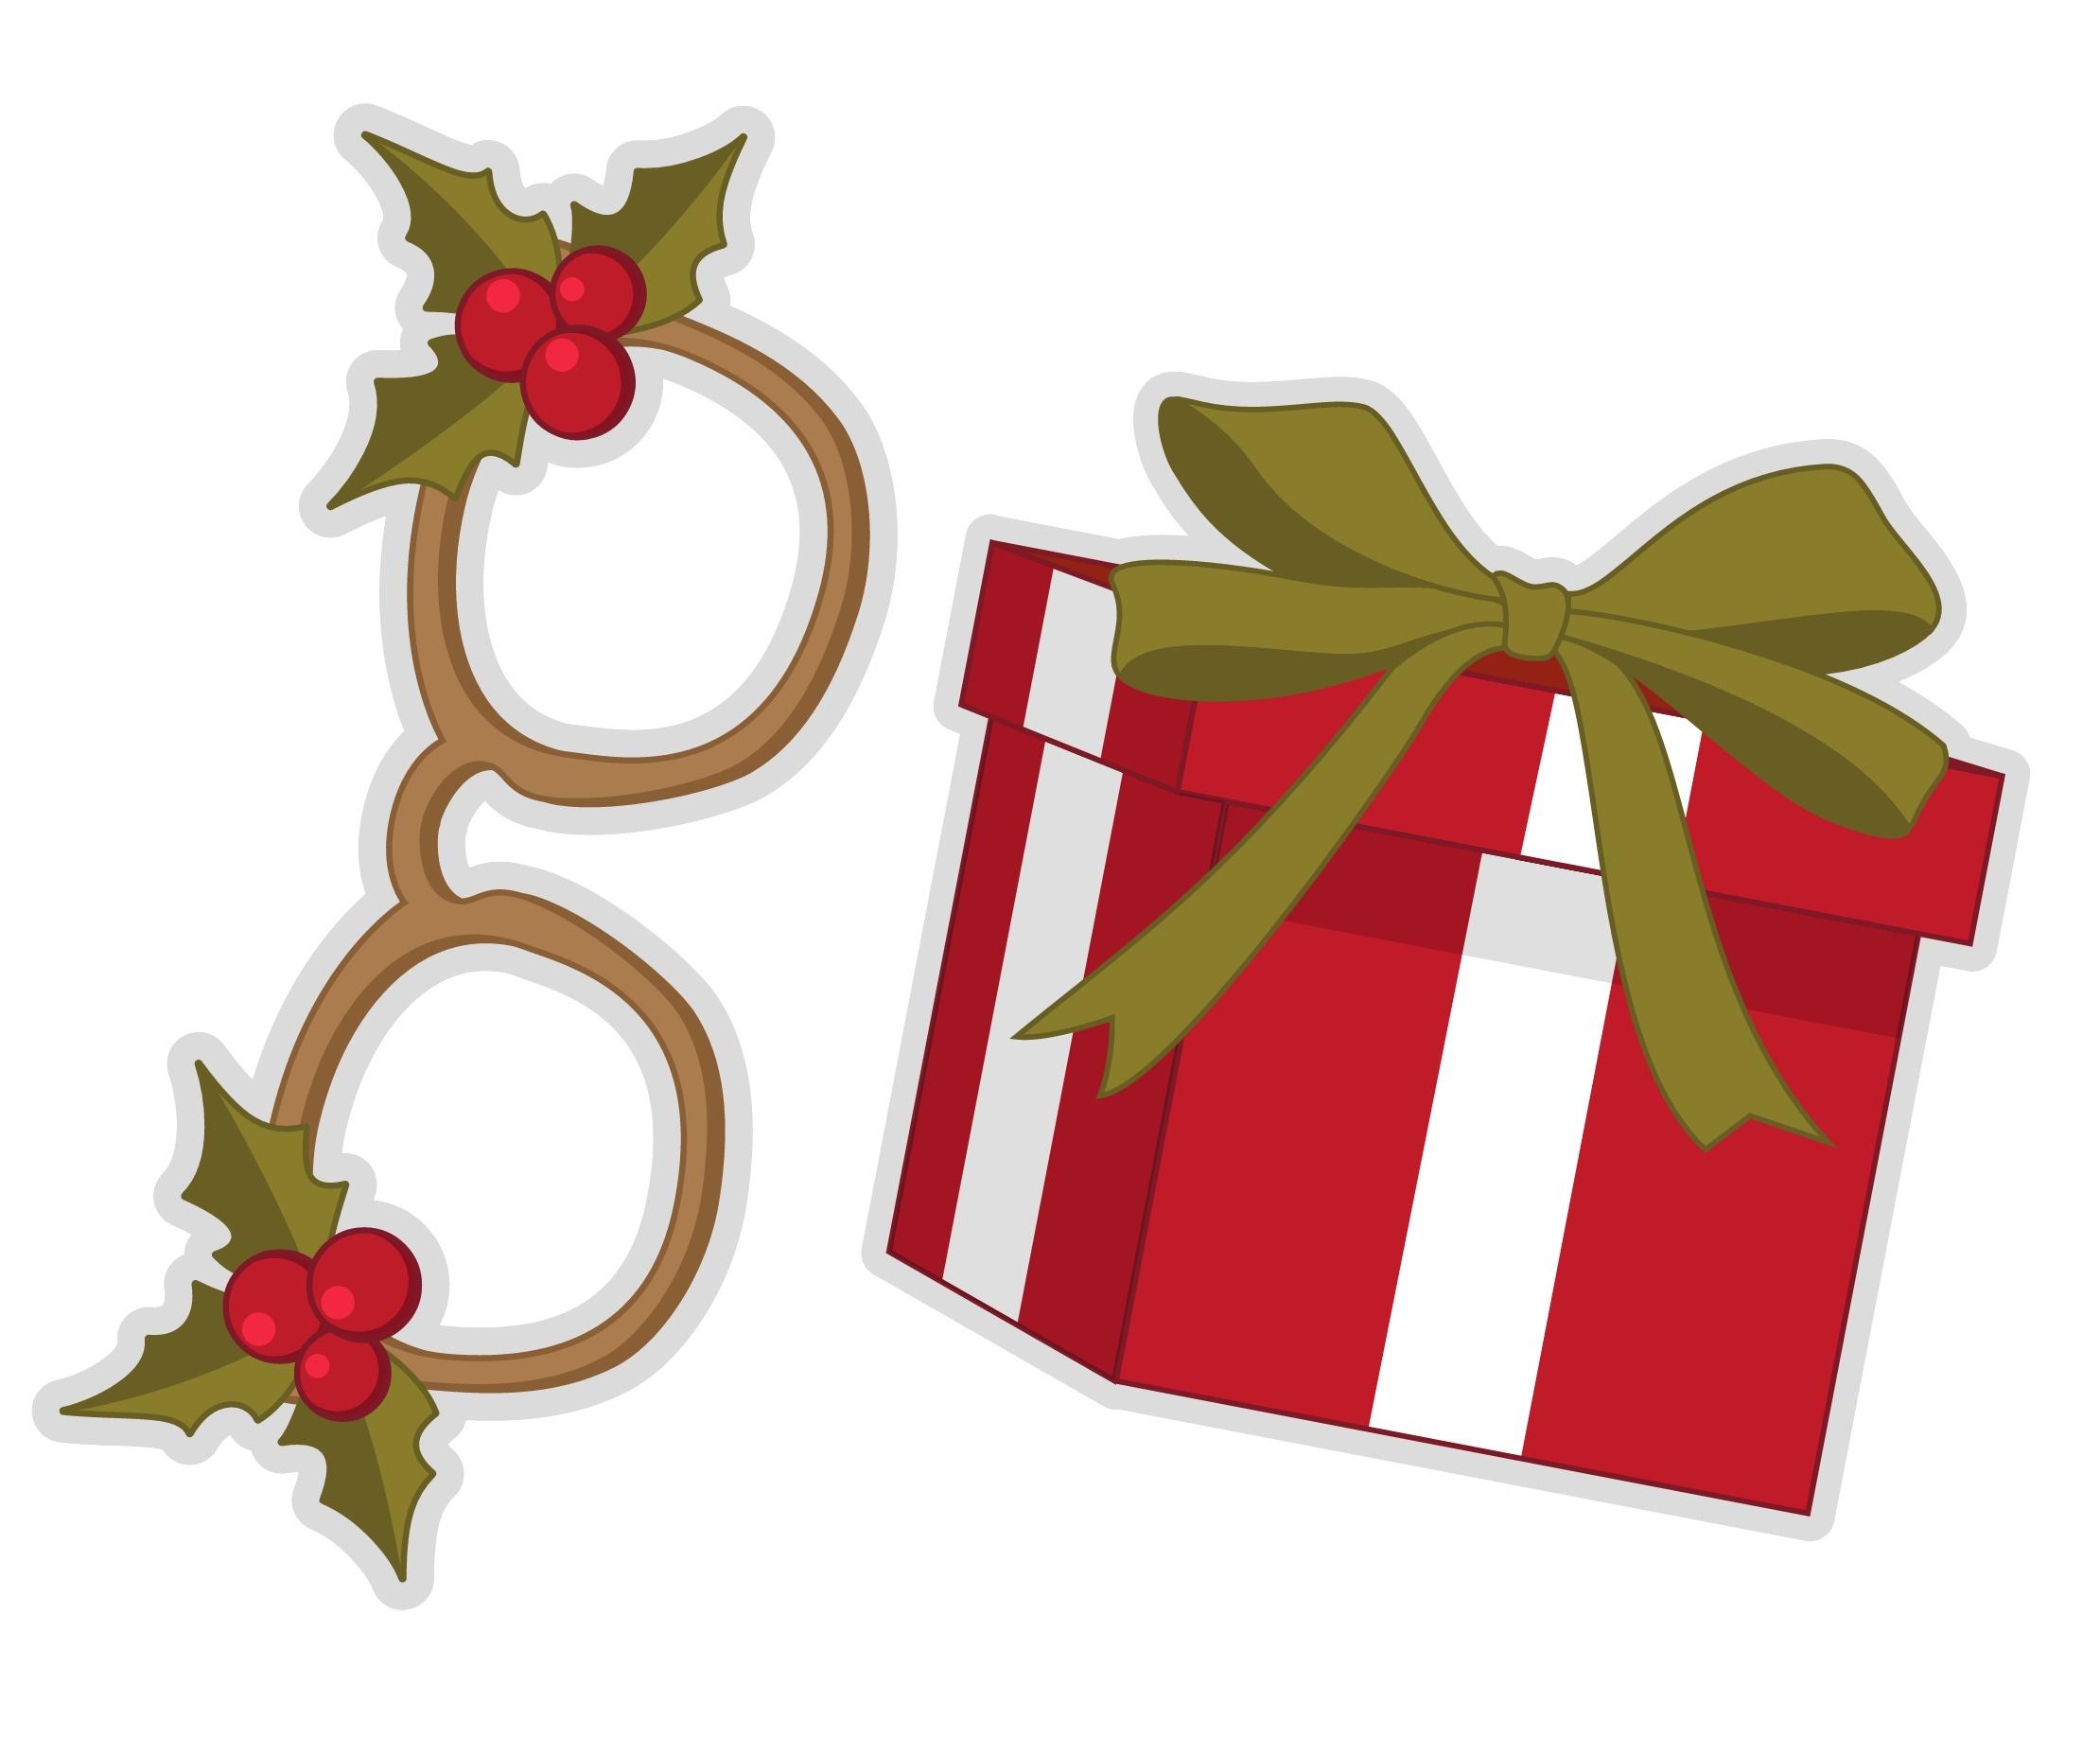 Free Printable Christmas Photo Booth Props | Catch My Party - Free Printable Christmas Photo Booth Props